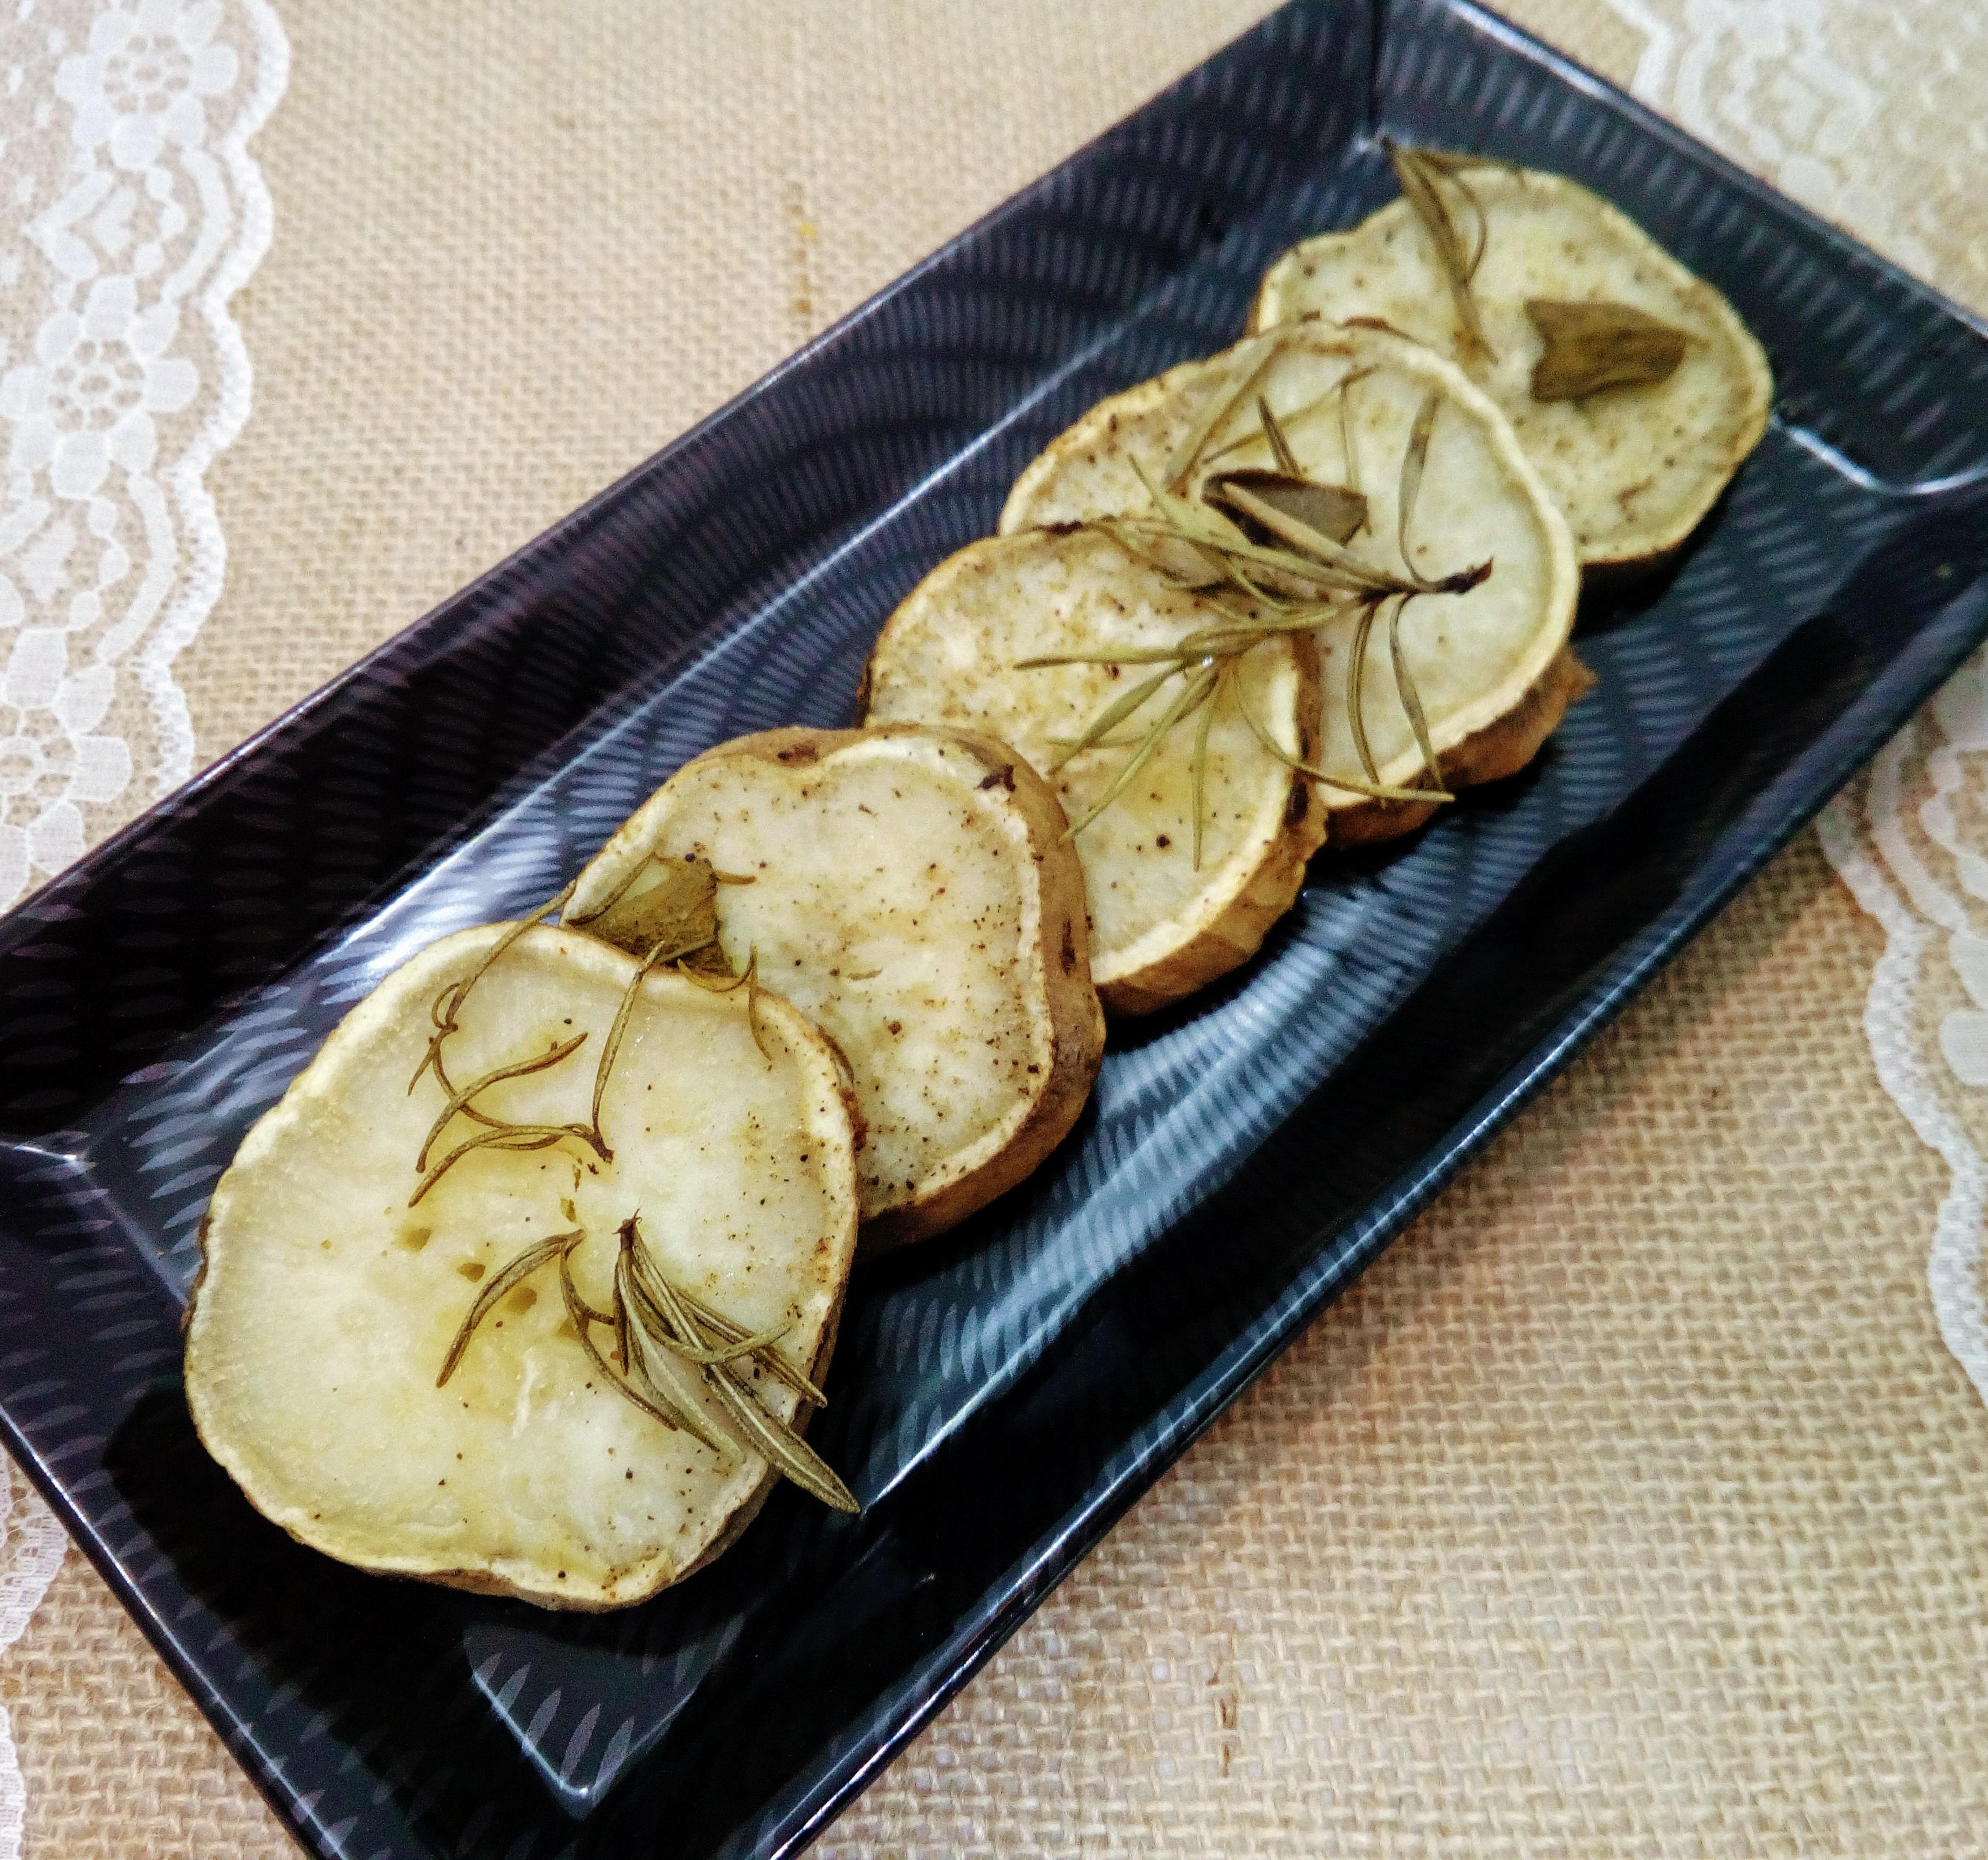 Patate dolci americane al forno con erbe aromatiche cooking time - Cucinare patate americane ...